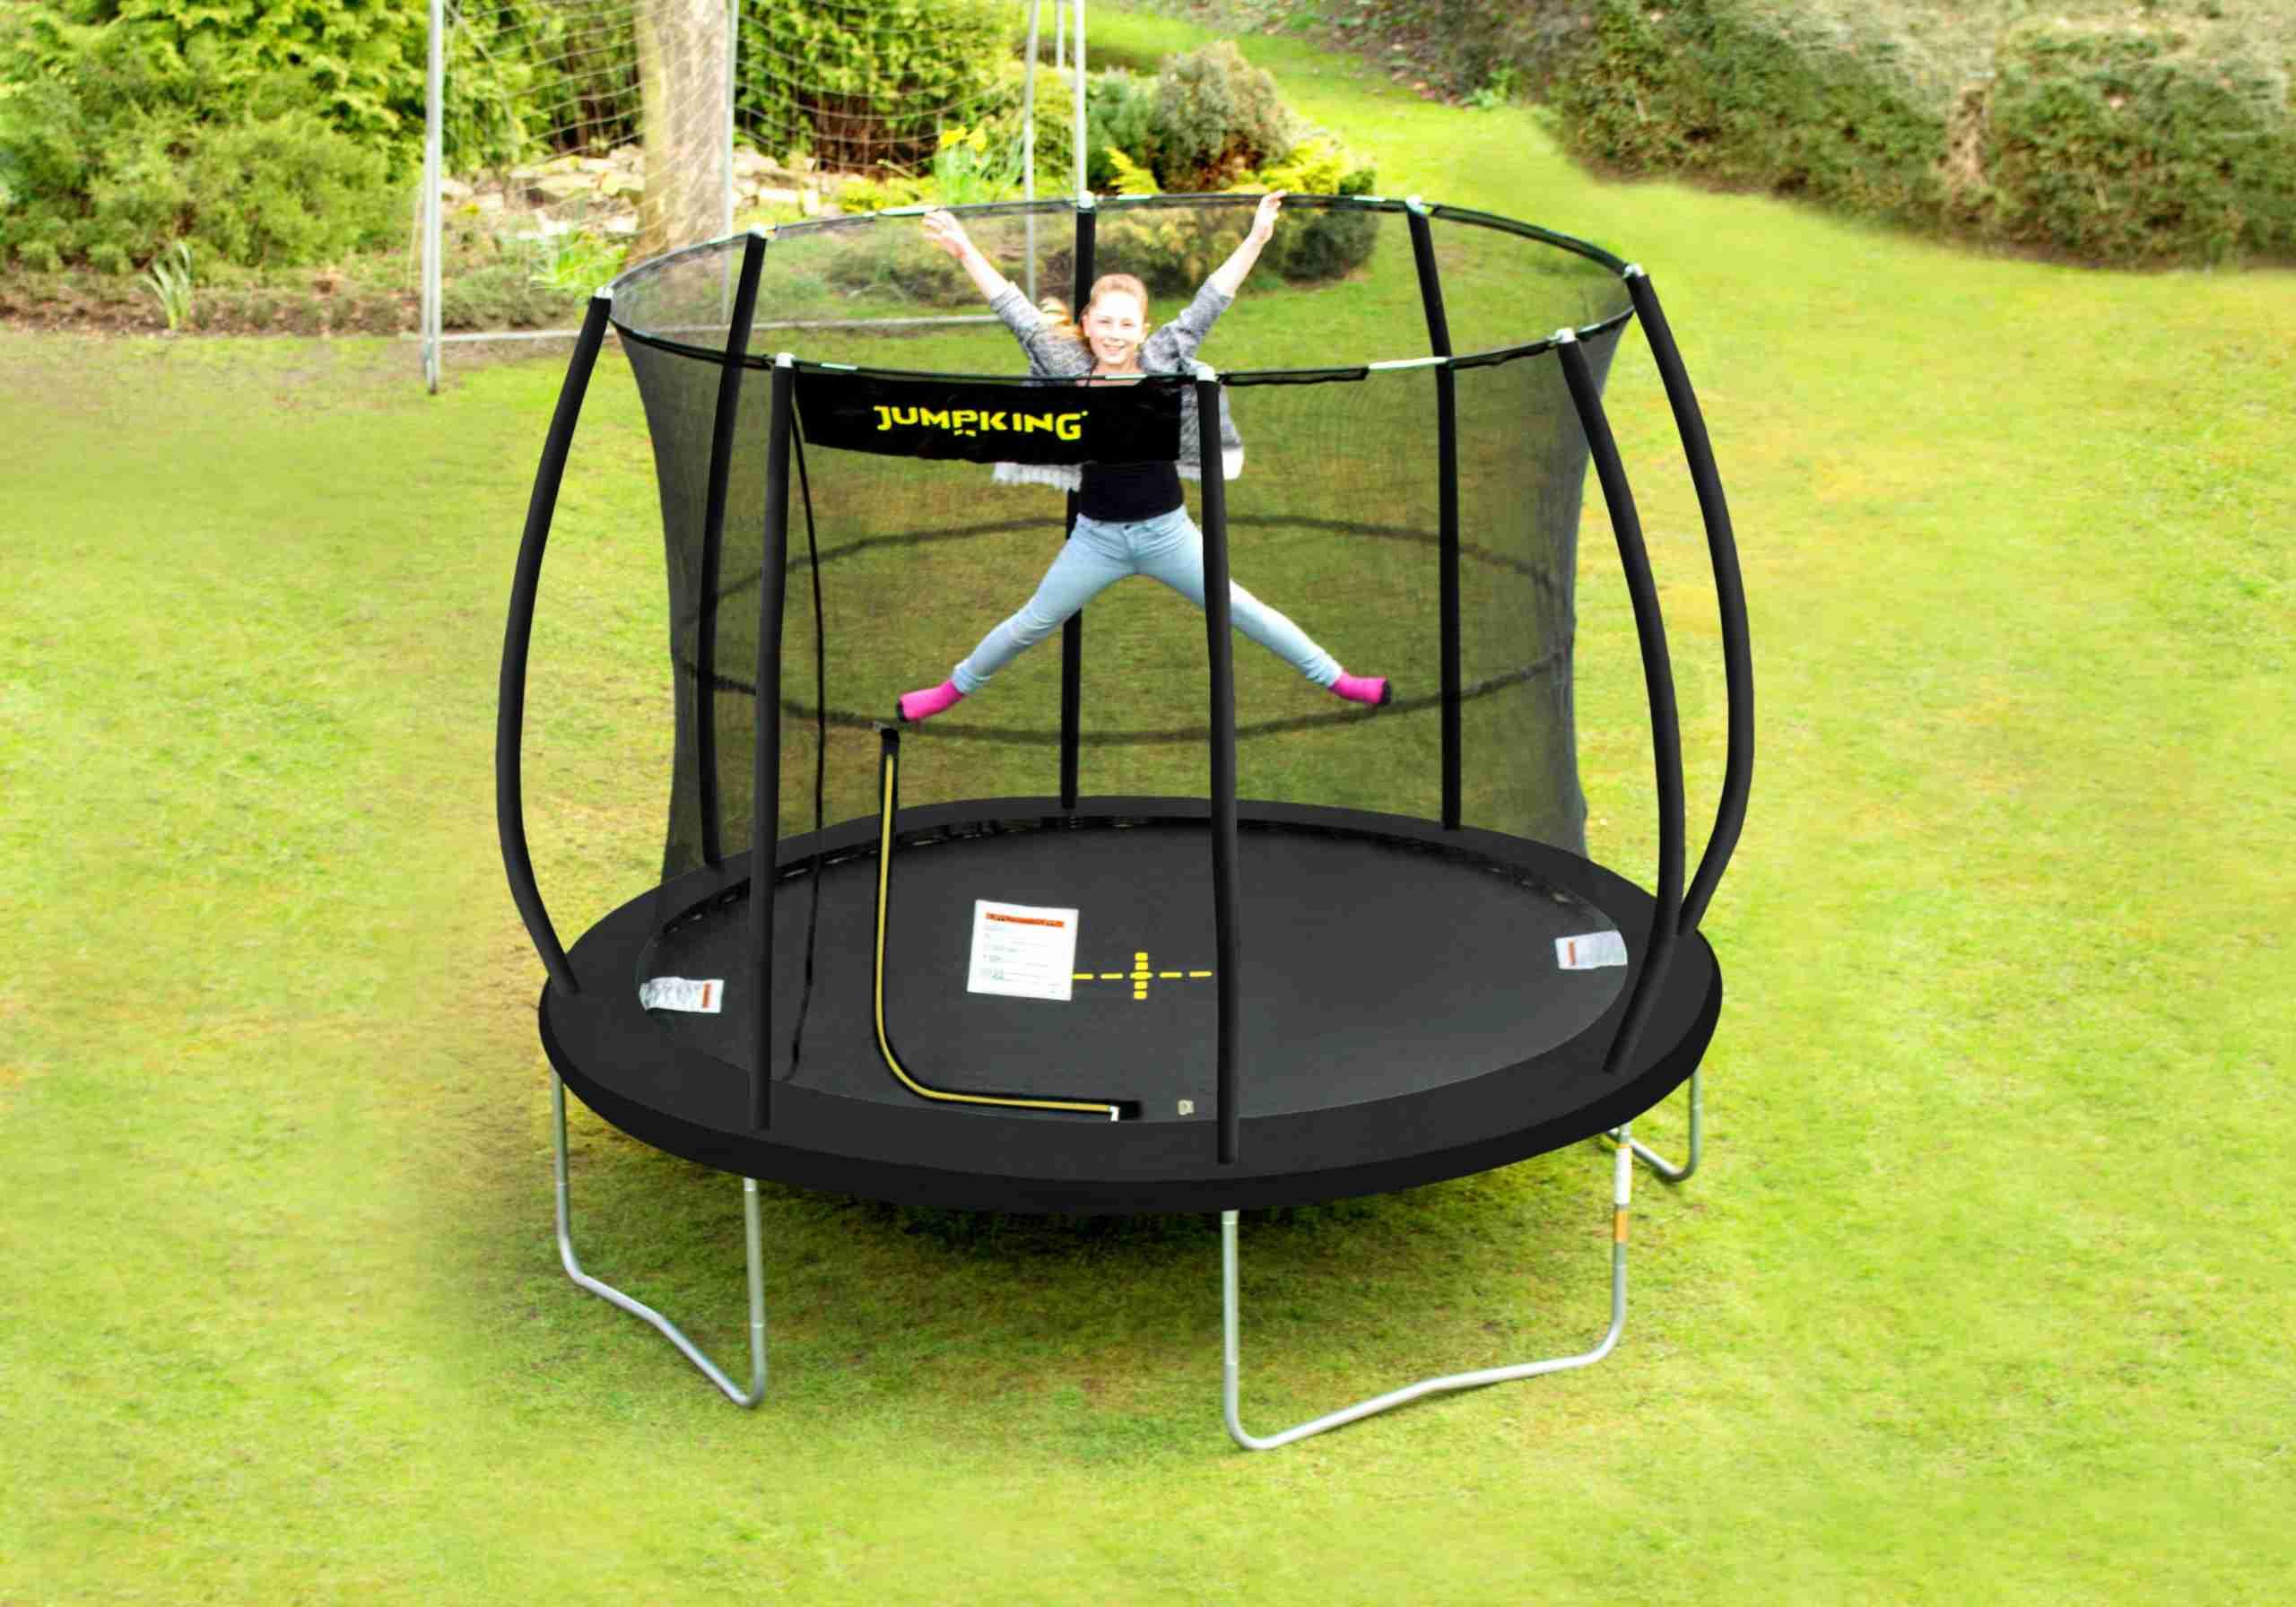 Tappeto elastico di qualità jumpking